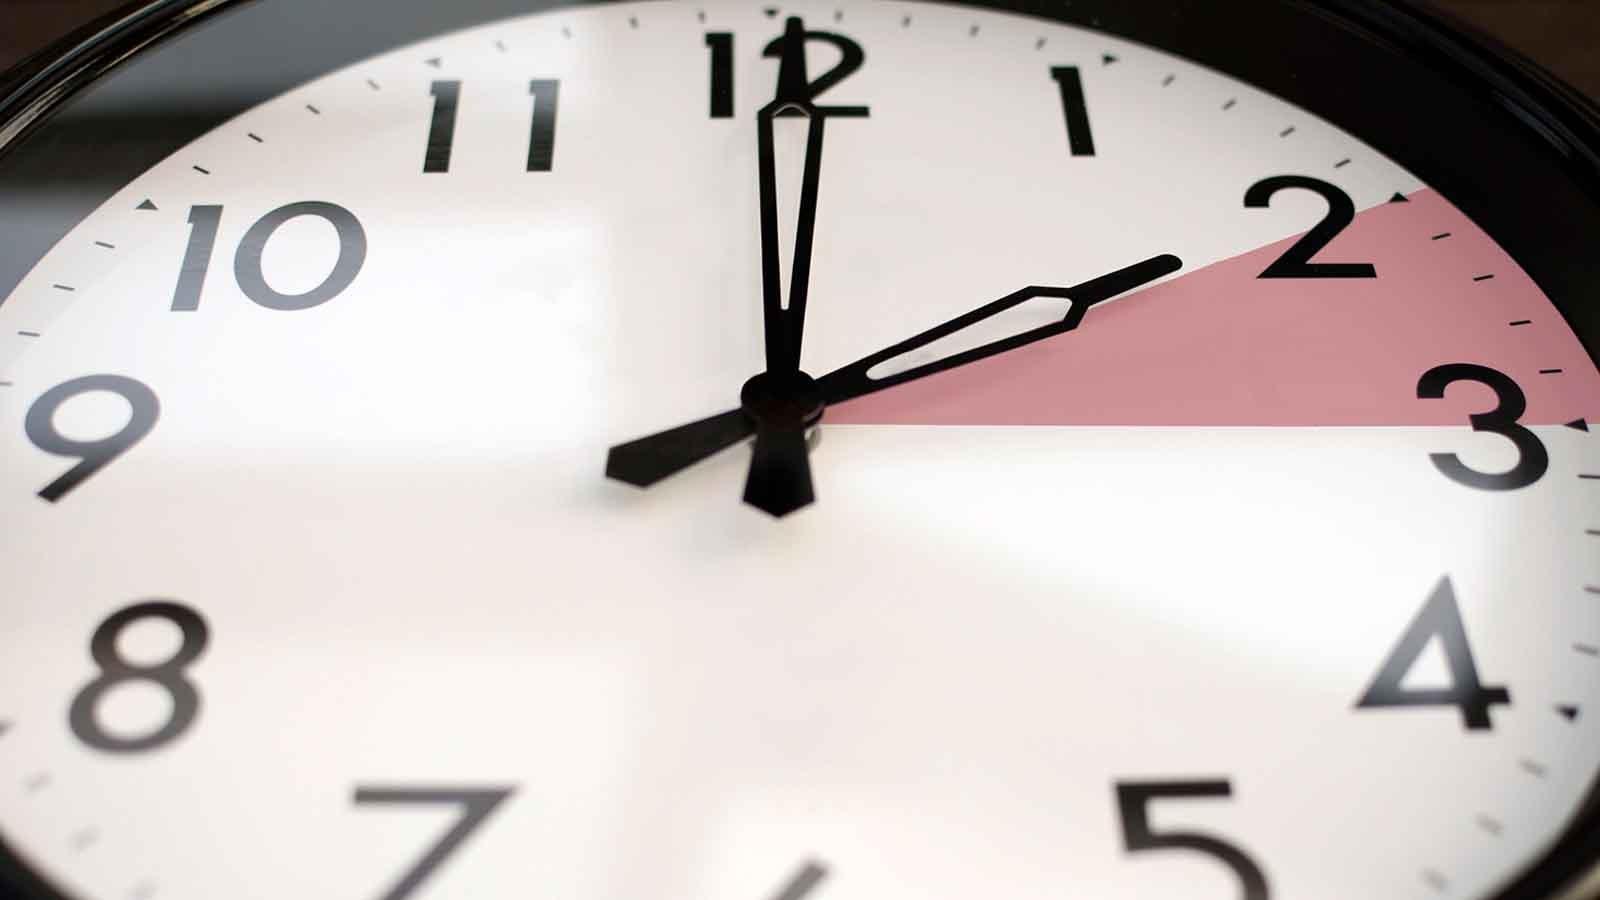 Zeitumstellung: So einfach merken Sie sich, in welche Richtung die Uhren gestellt werden